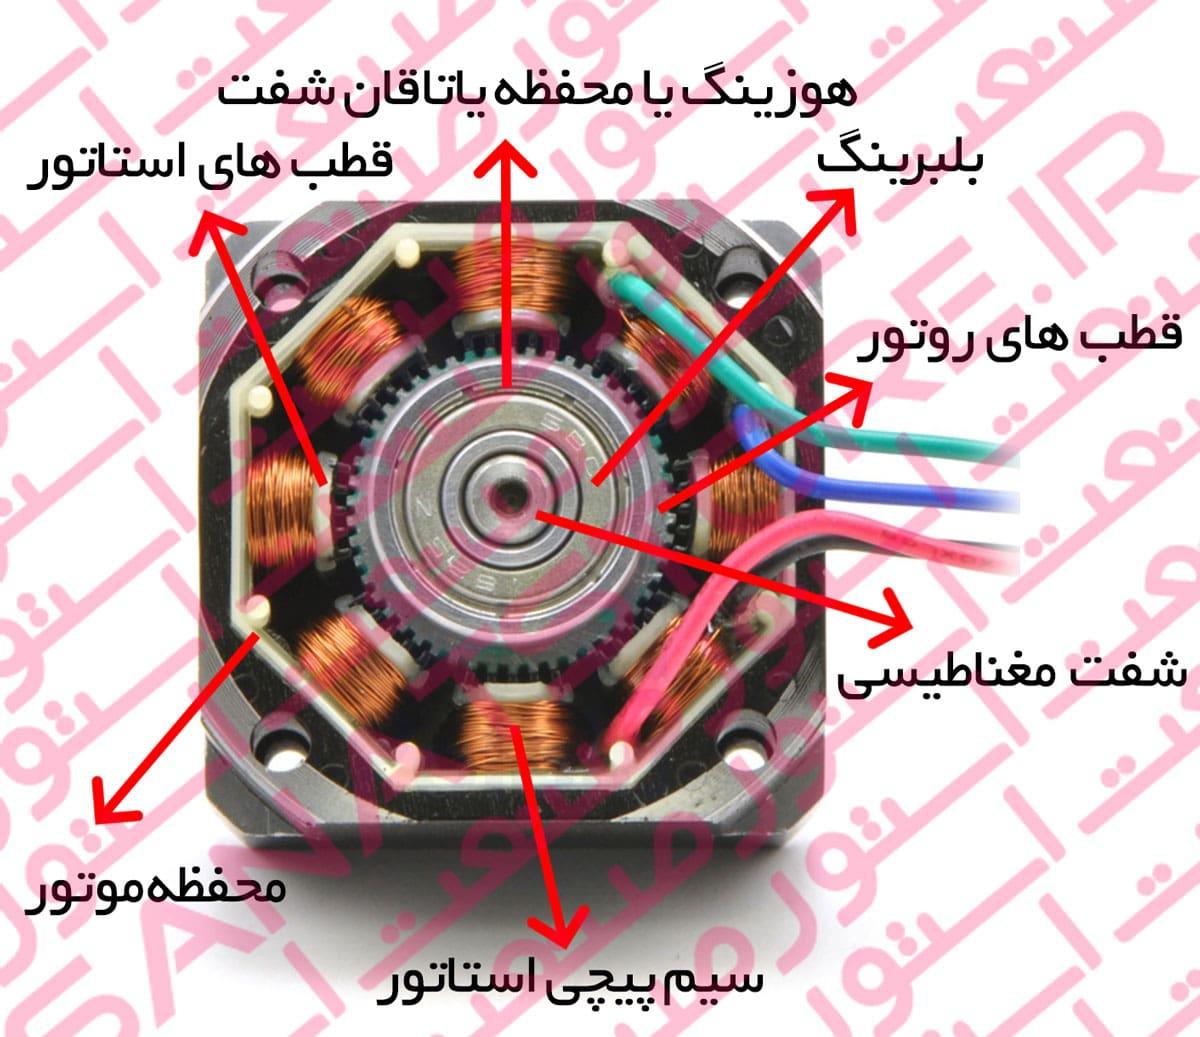 اجزا تشکیل دهنده استپ موتور